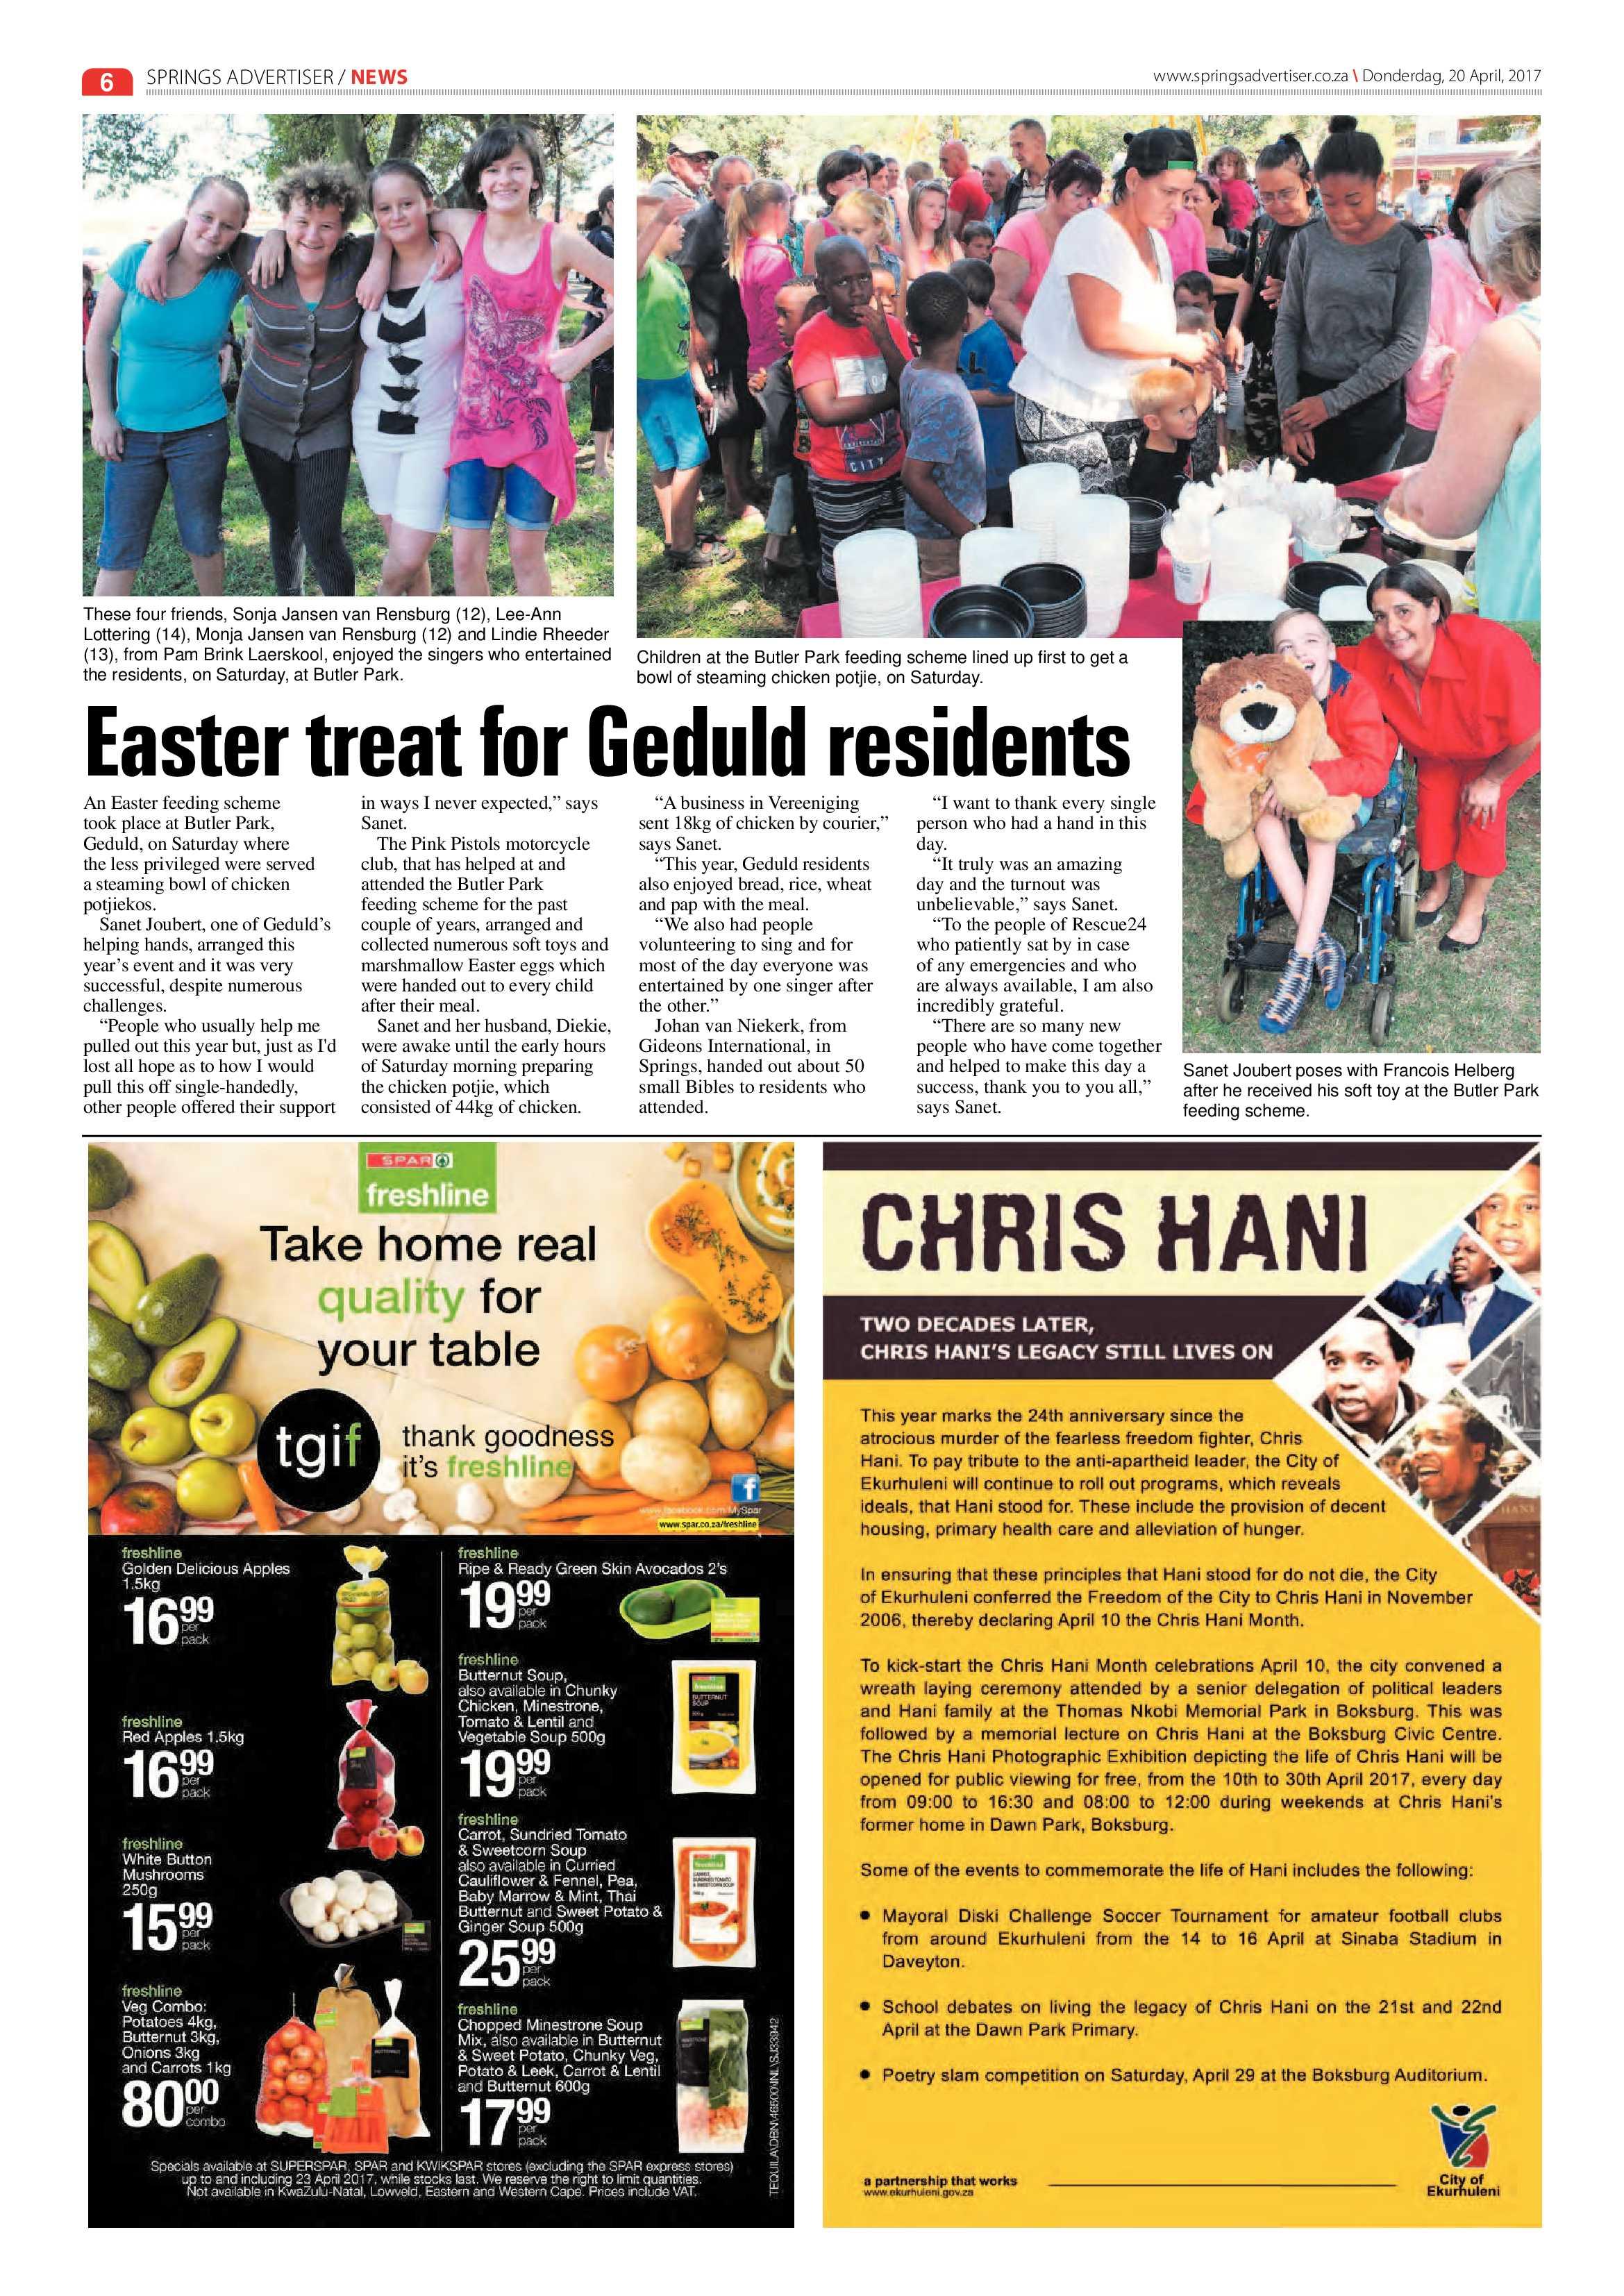 springs-advertiser-2-april-2017-epapers-page-6